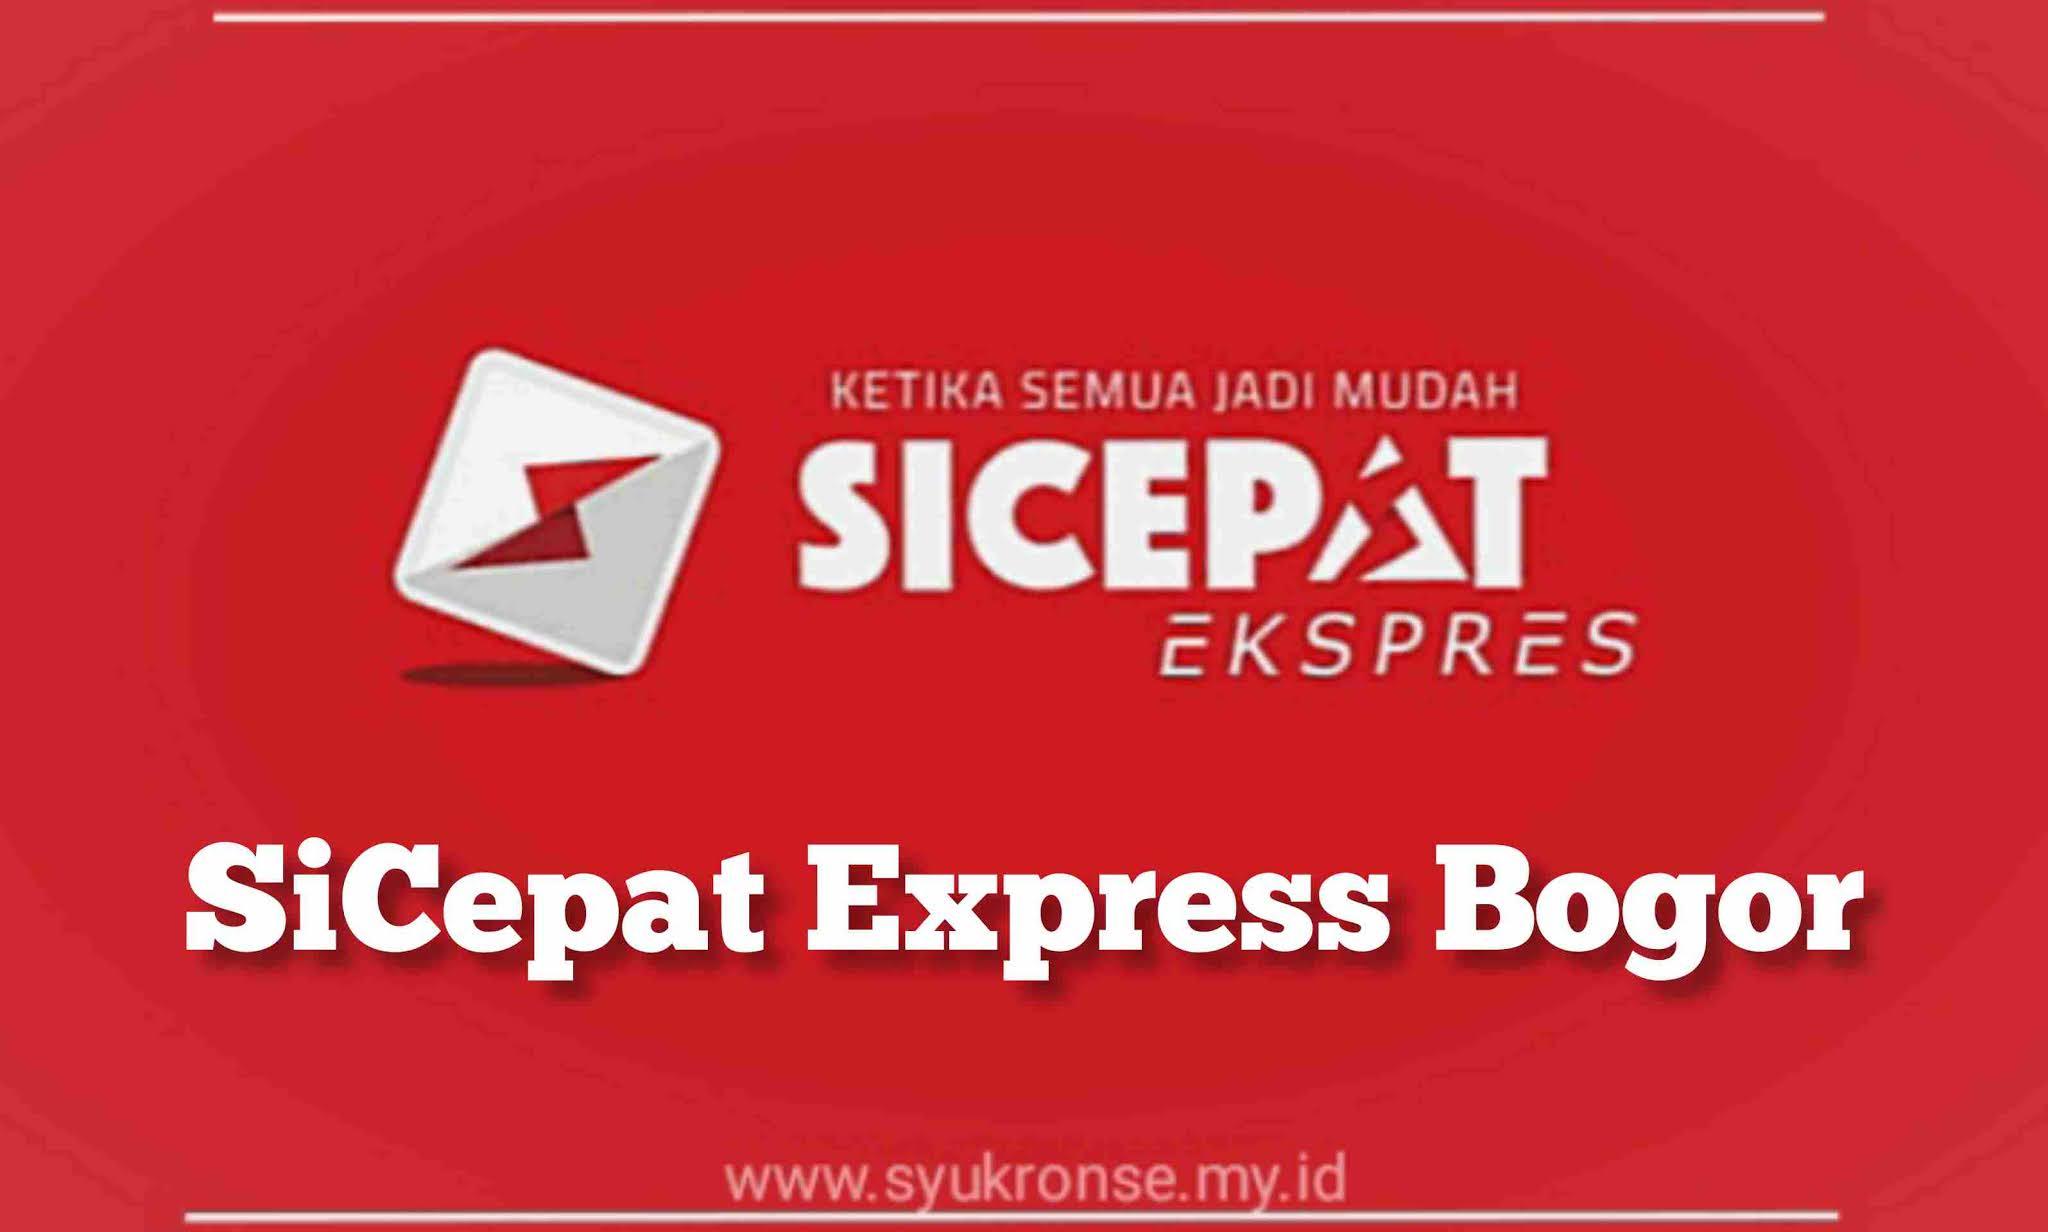 SiCepat Express Bogor